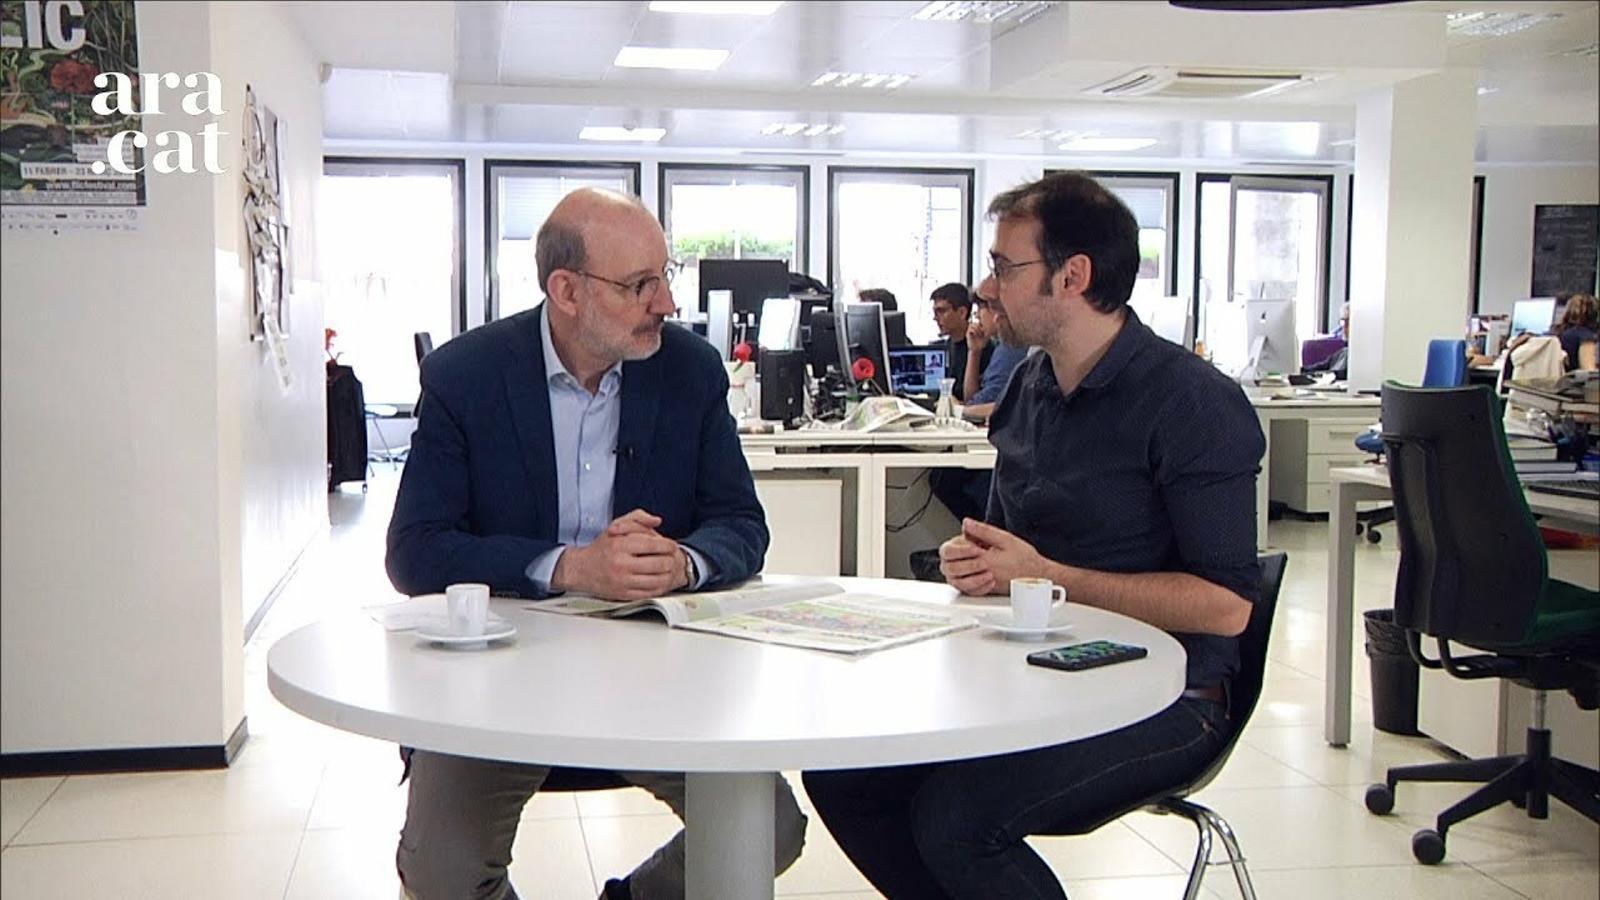 El cafè de la Lliga: La inversió del Girona és a llarg termini i tornarà a Primera